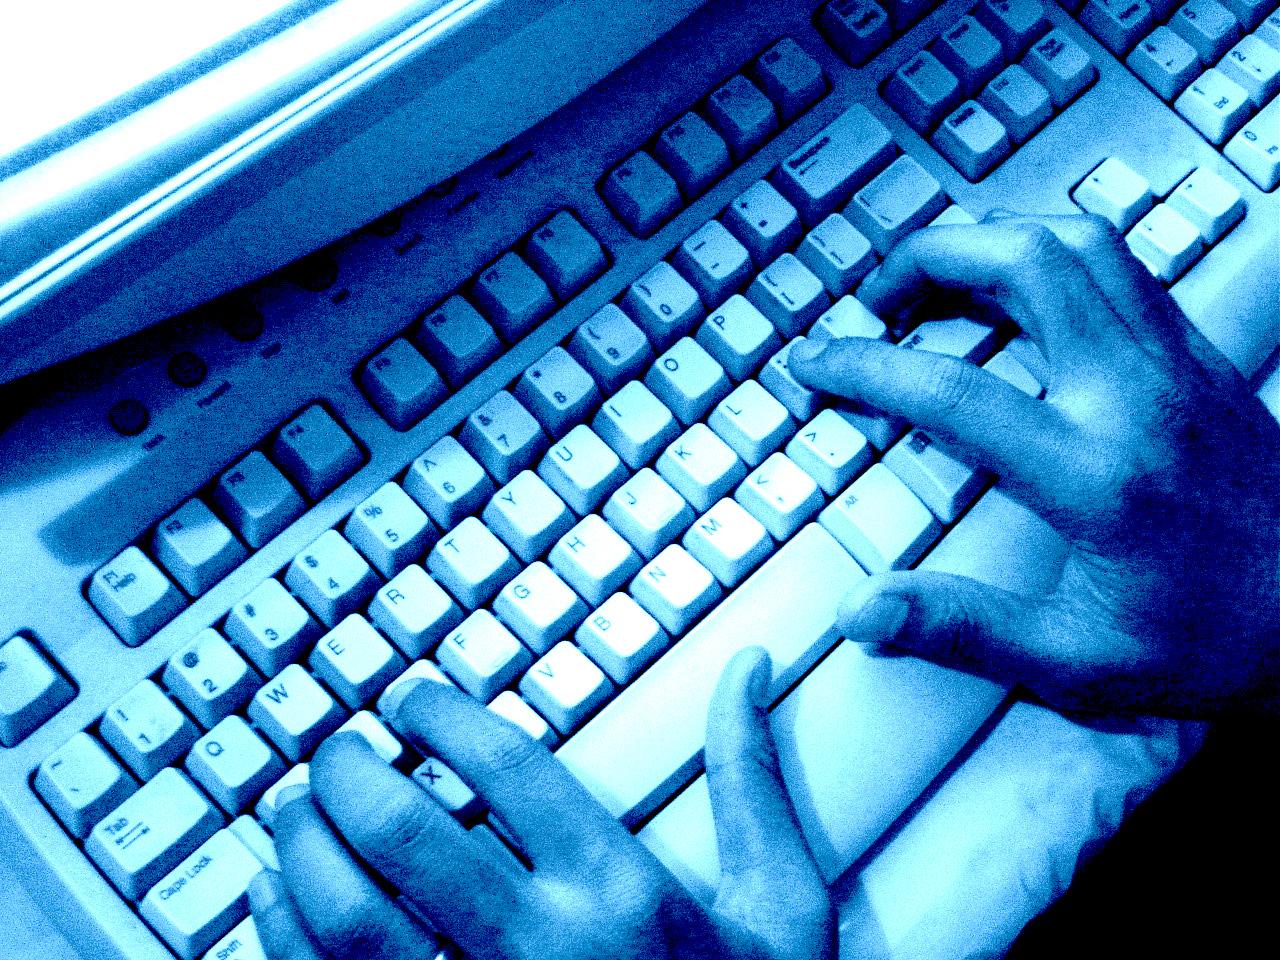 OLE TEADLIK! Uuring: Eesti vanemad ei kaitse lapsi piisavalt internetiohtude eest